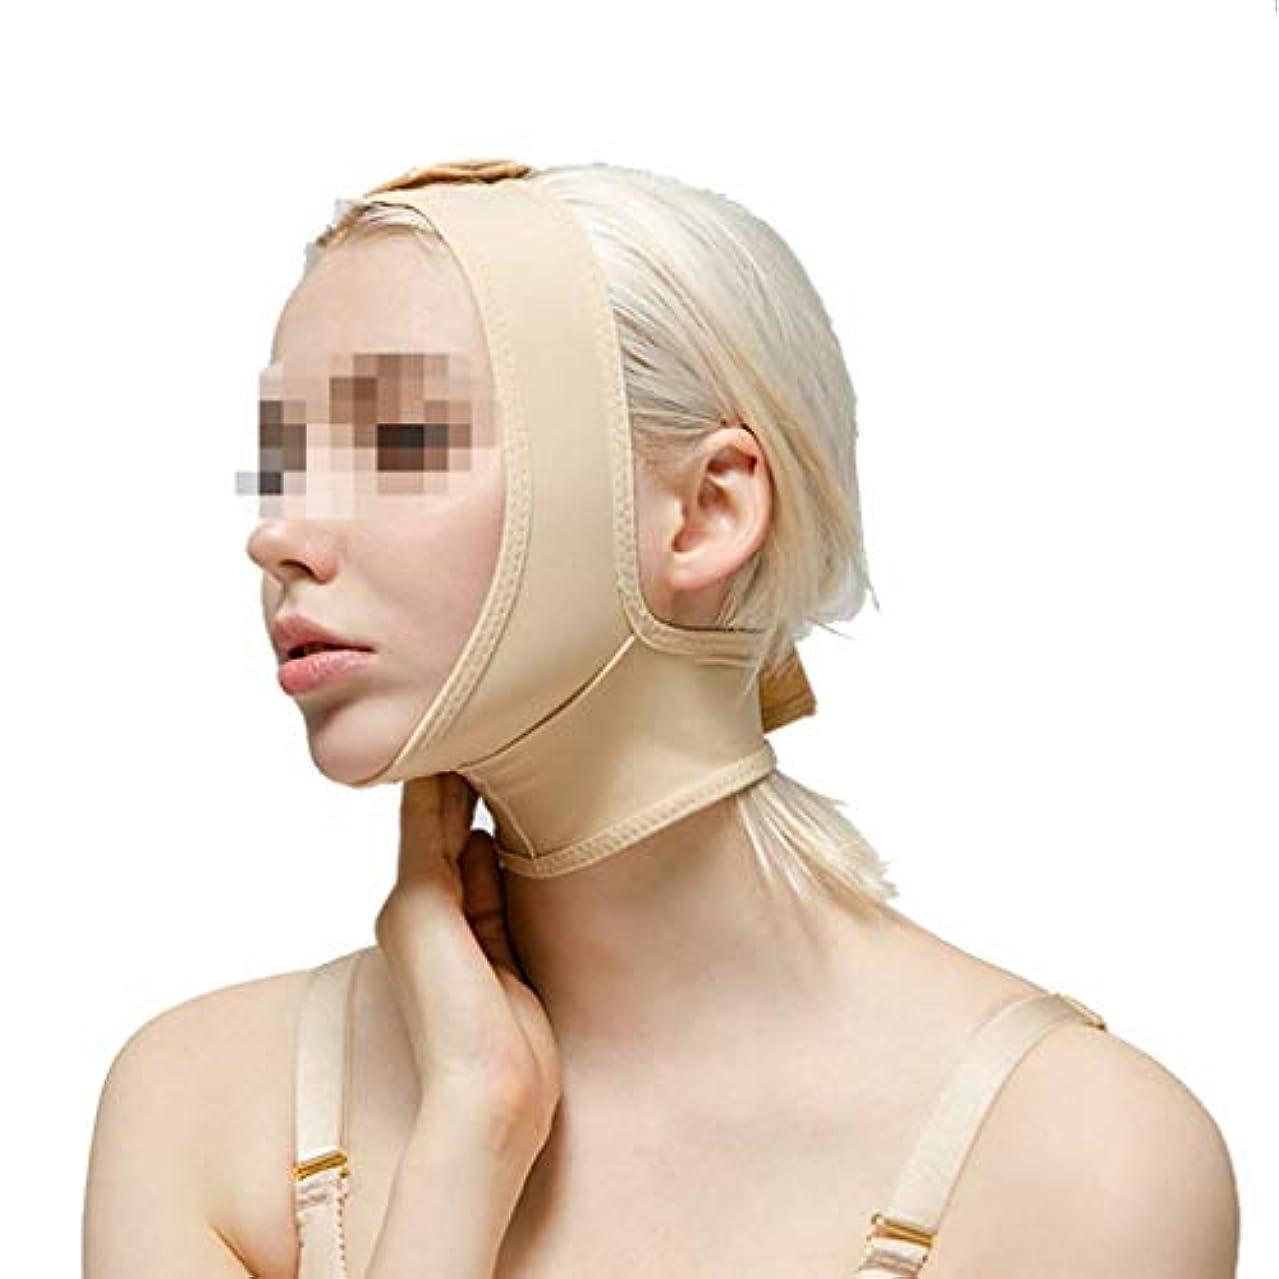 受け入れた受け皿記念術後伸縮性スリーブ、下顎束フェイスバンデージフェイシャルビームダブルチンシンフェイスマスクマルチサイズオプション(サイズ:L),XXL